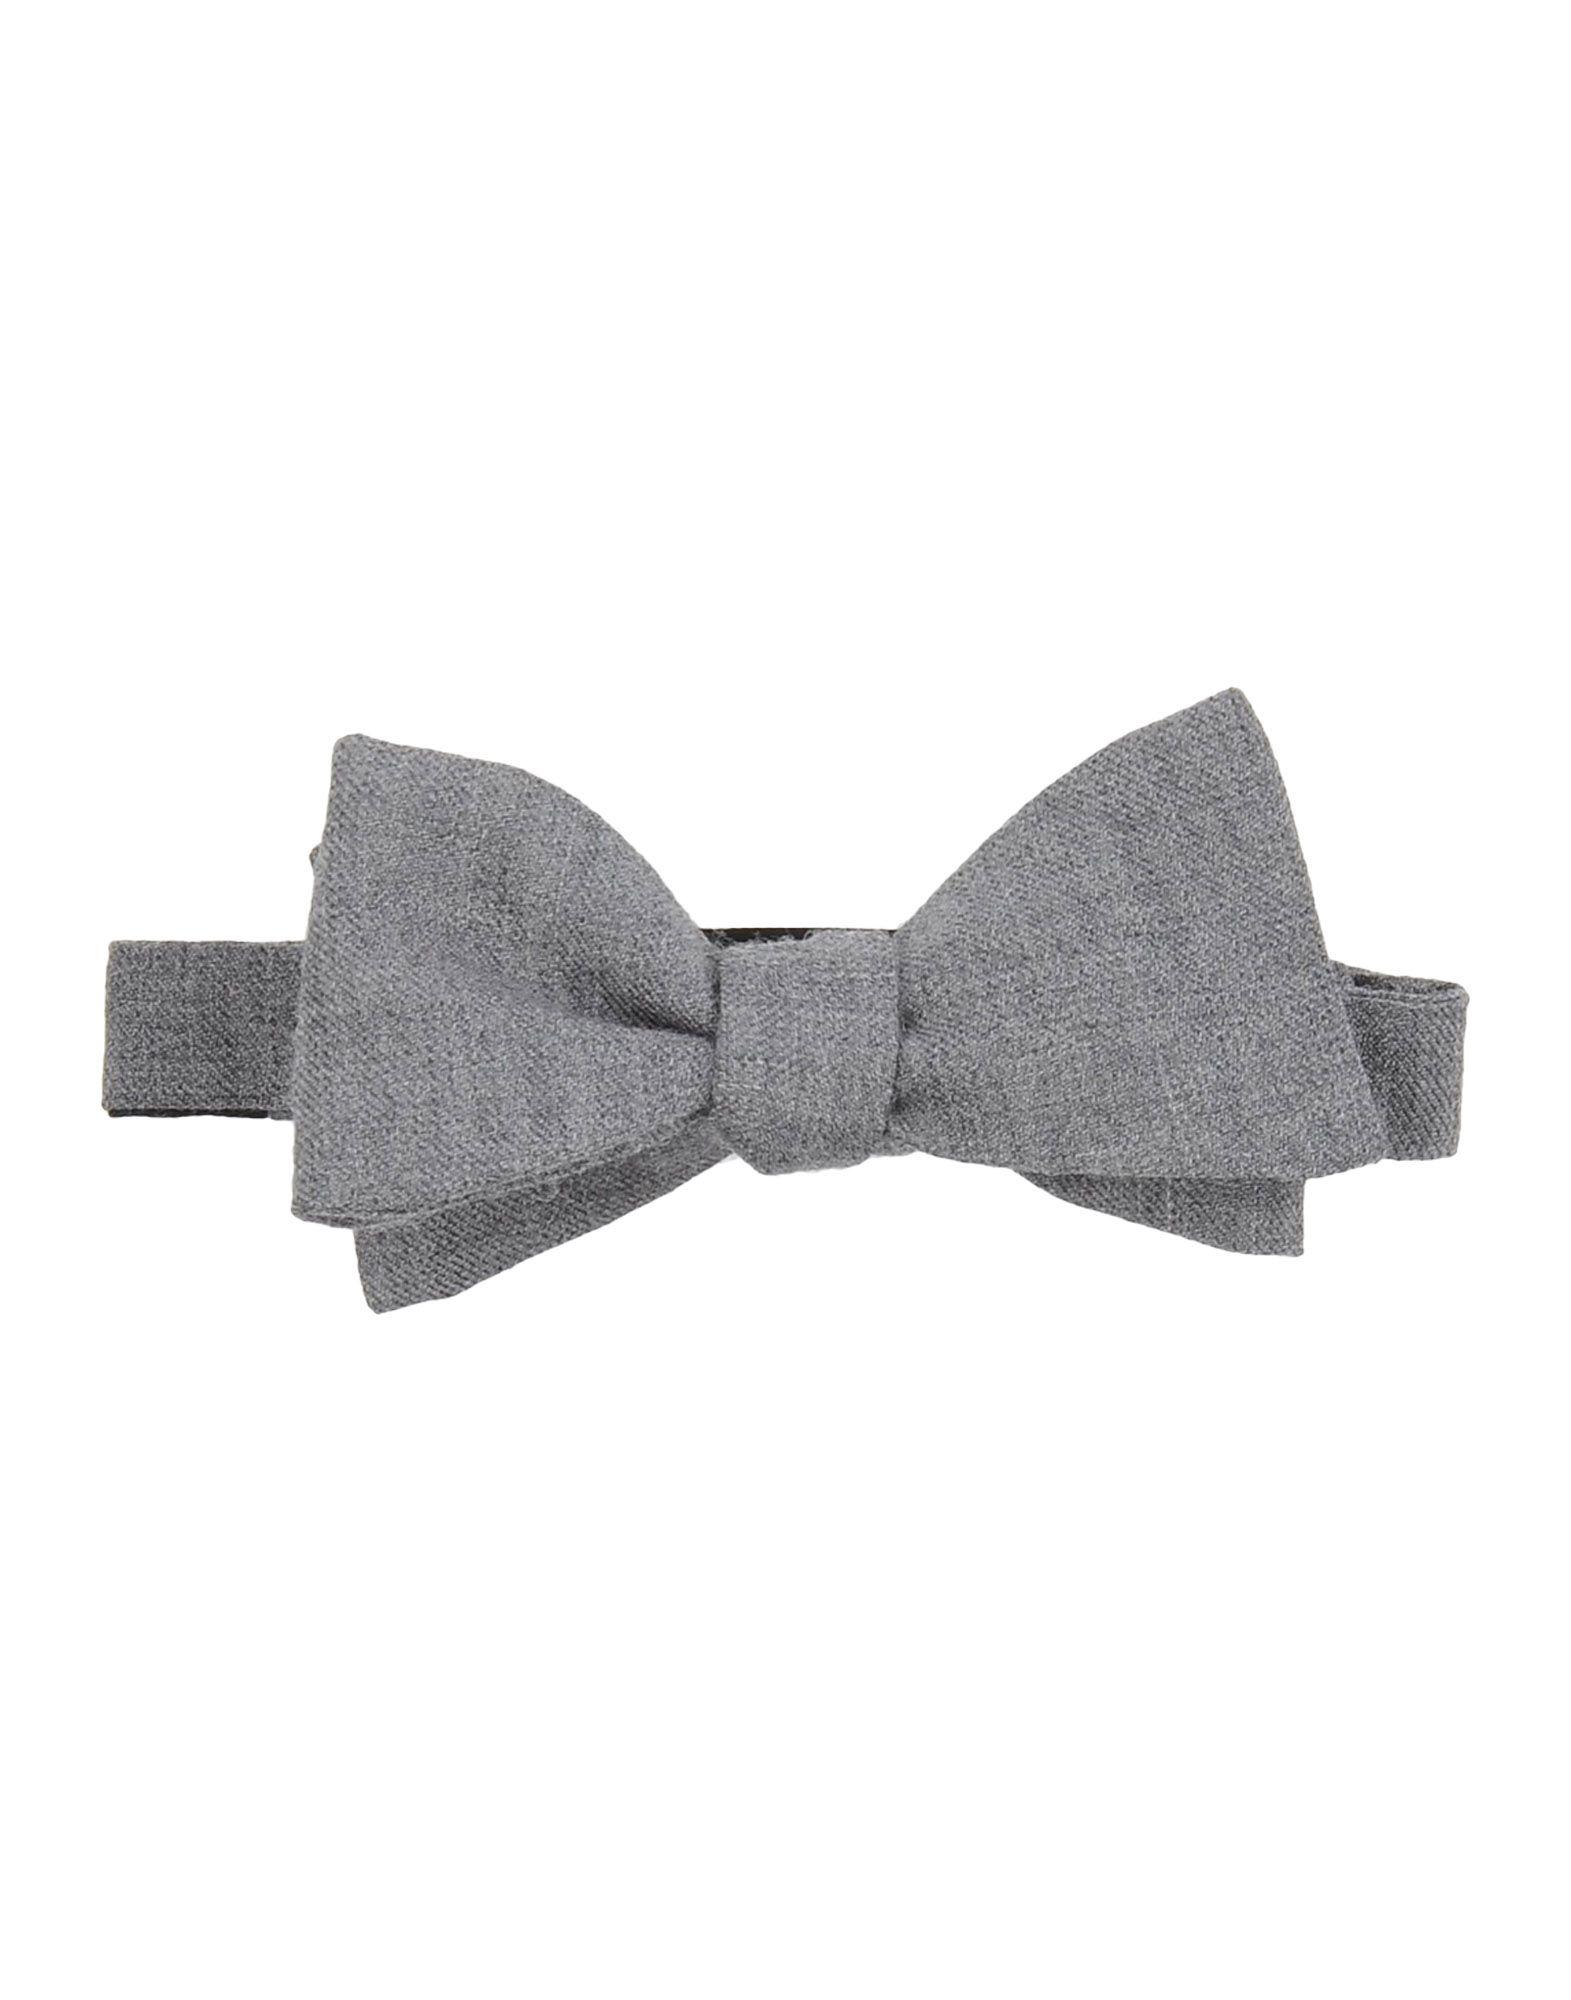 Altea Bow Tie in Gray for Men